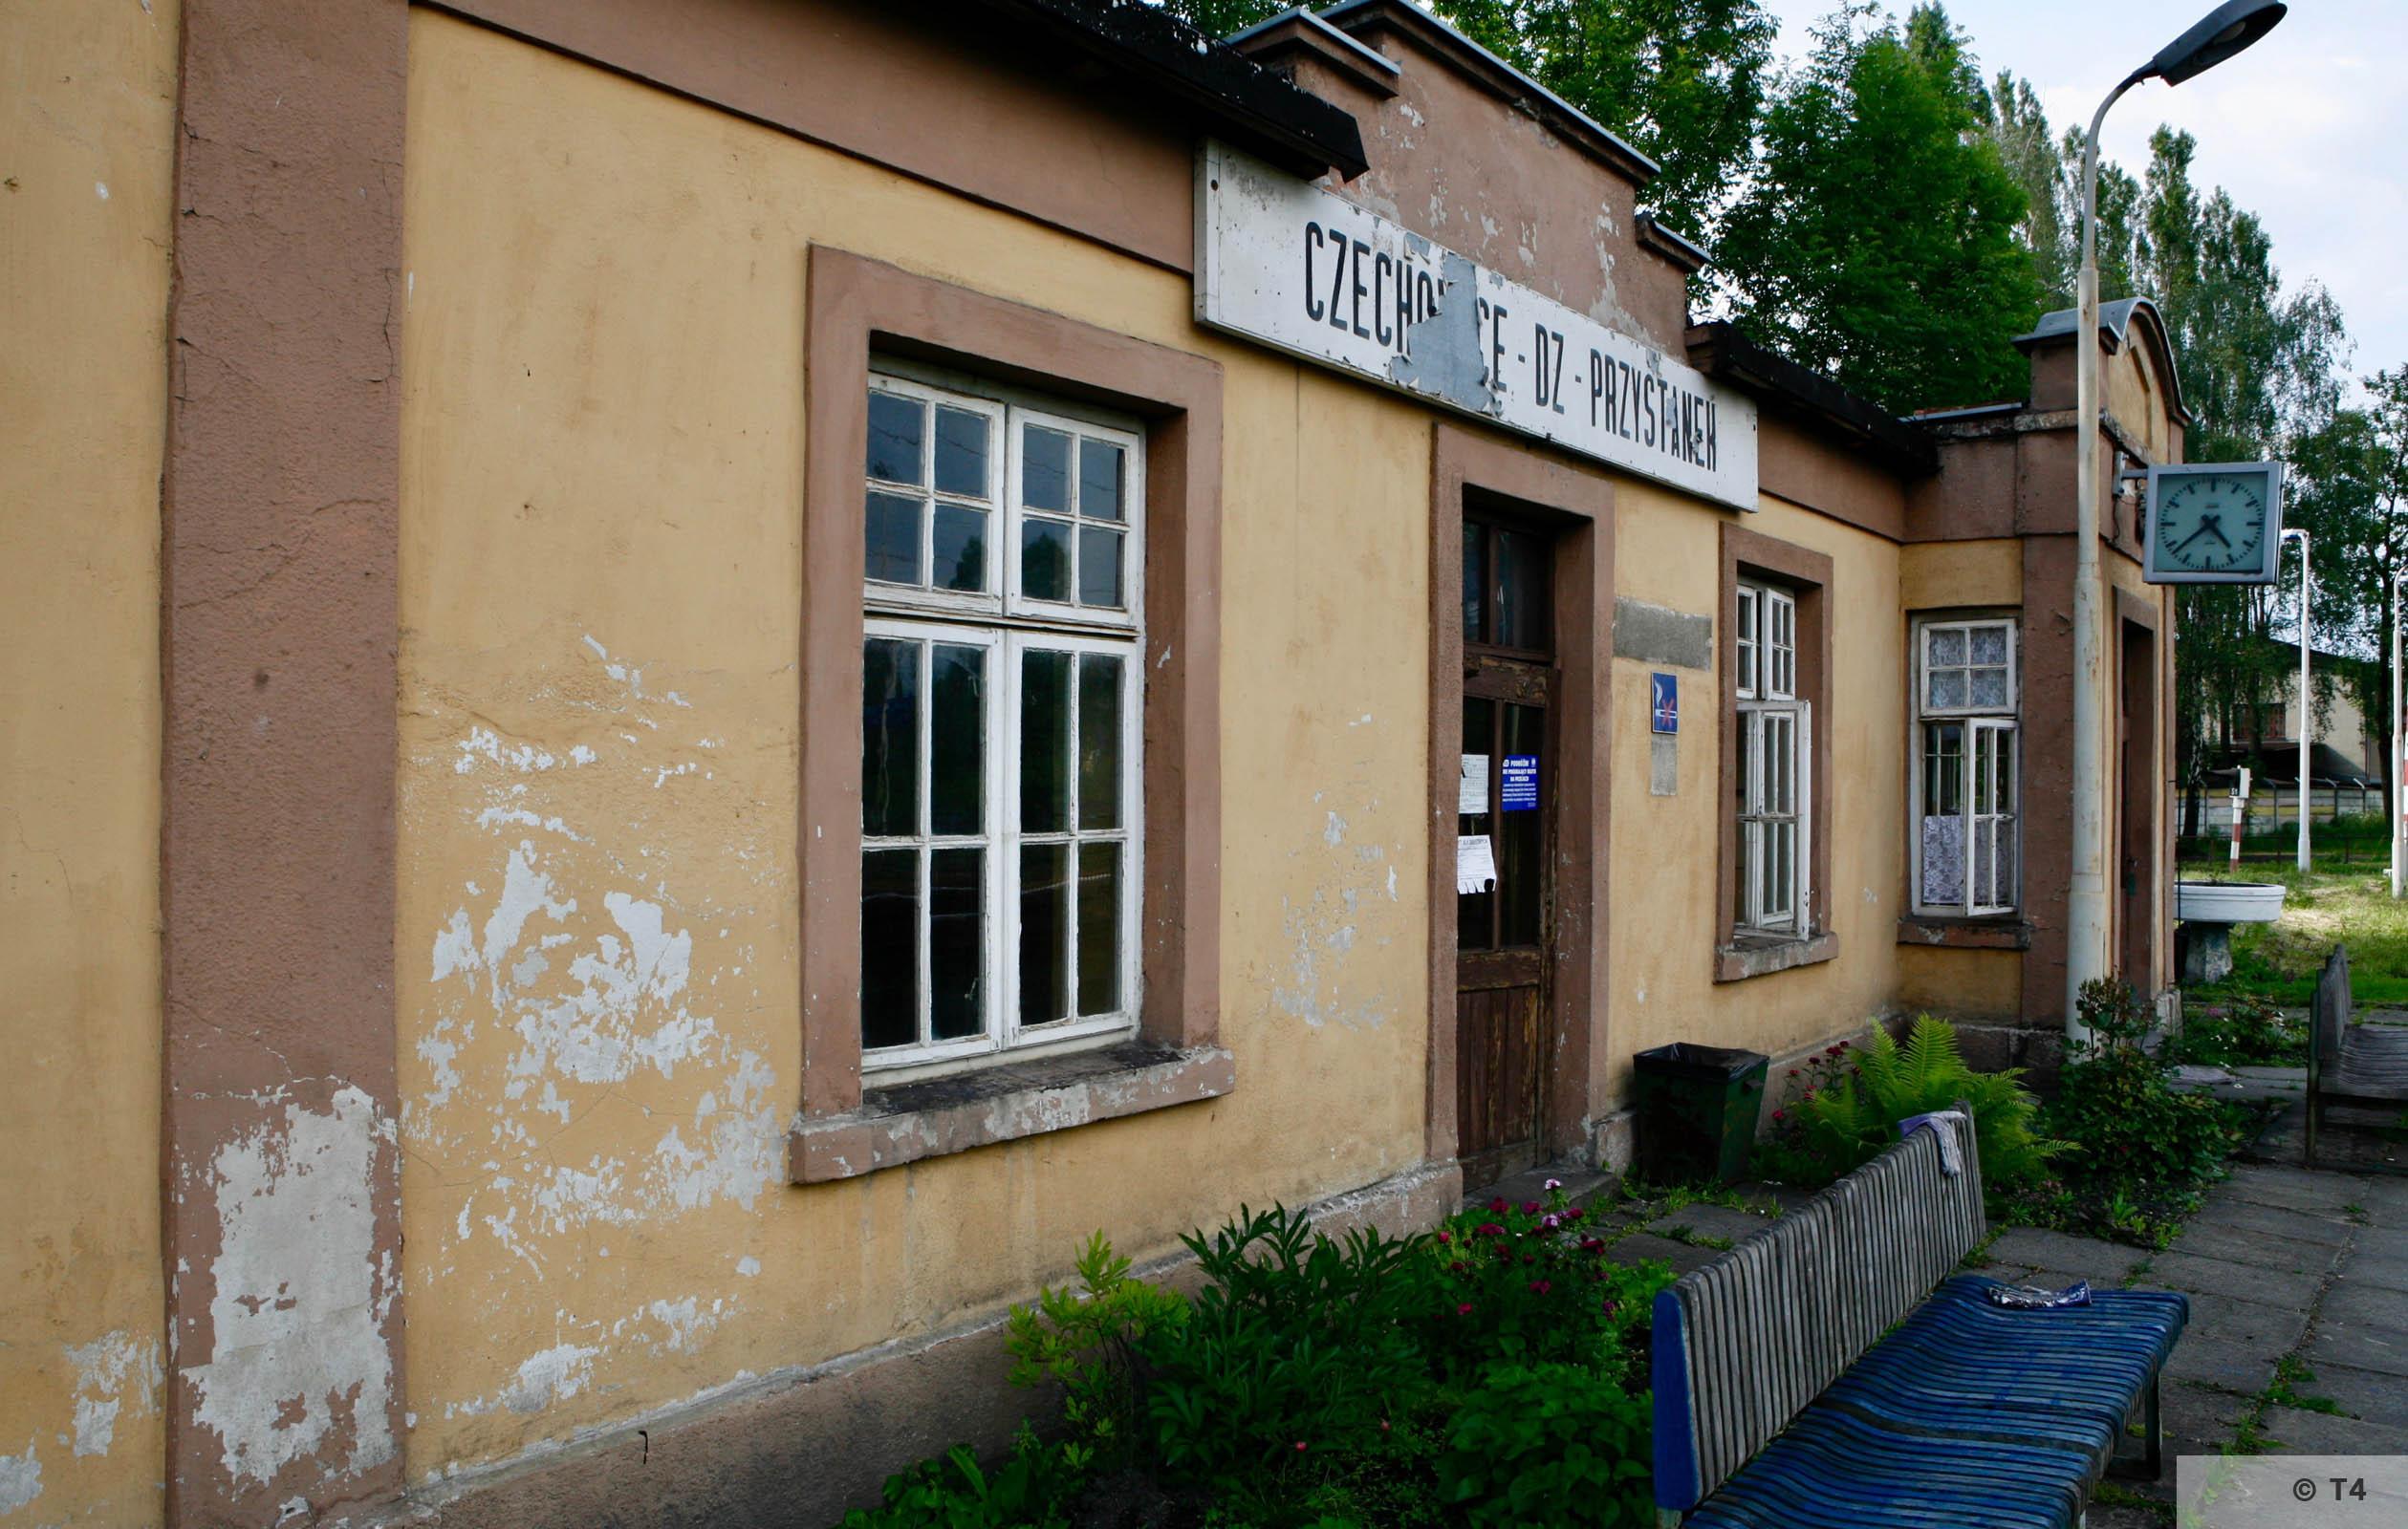 Czechowice DZ Przstanek railway station near the former sub camp. 2006 T4 6665